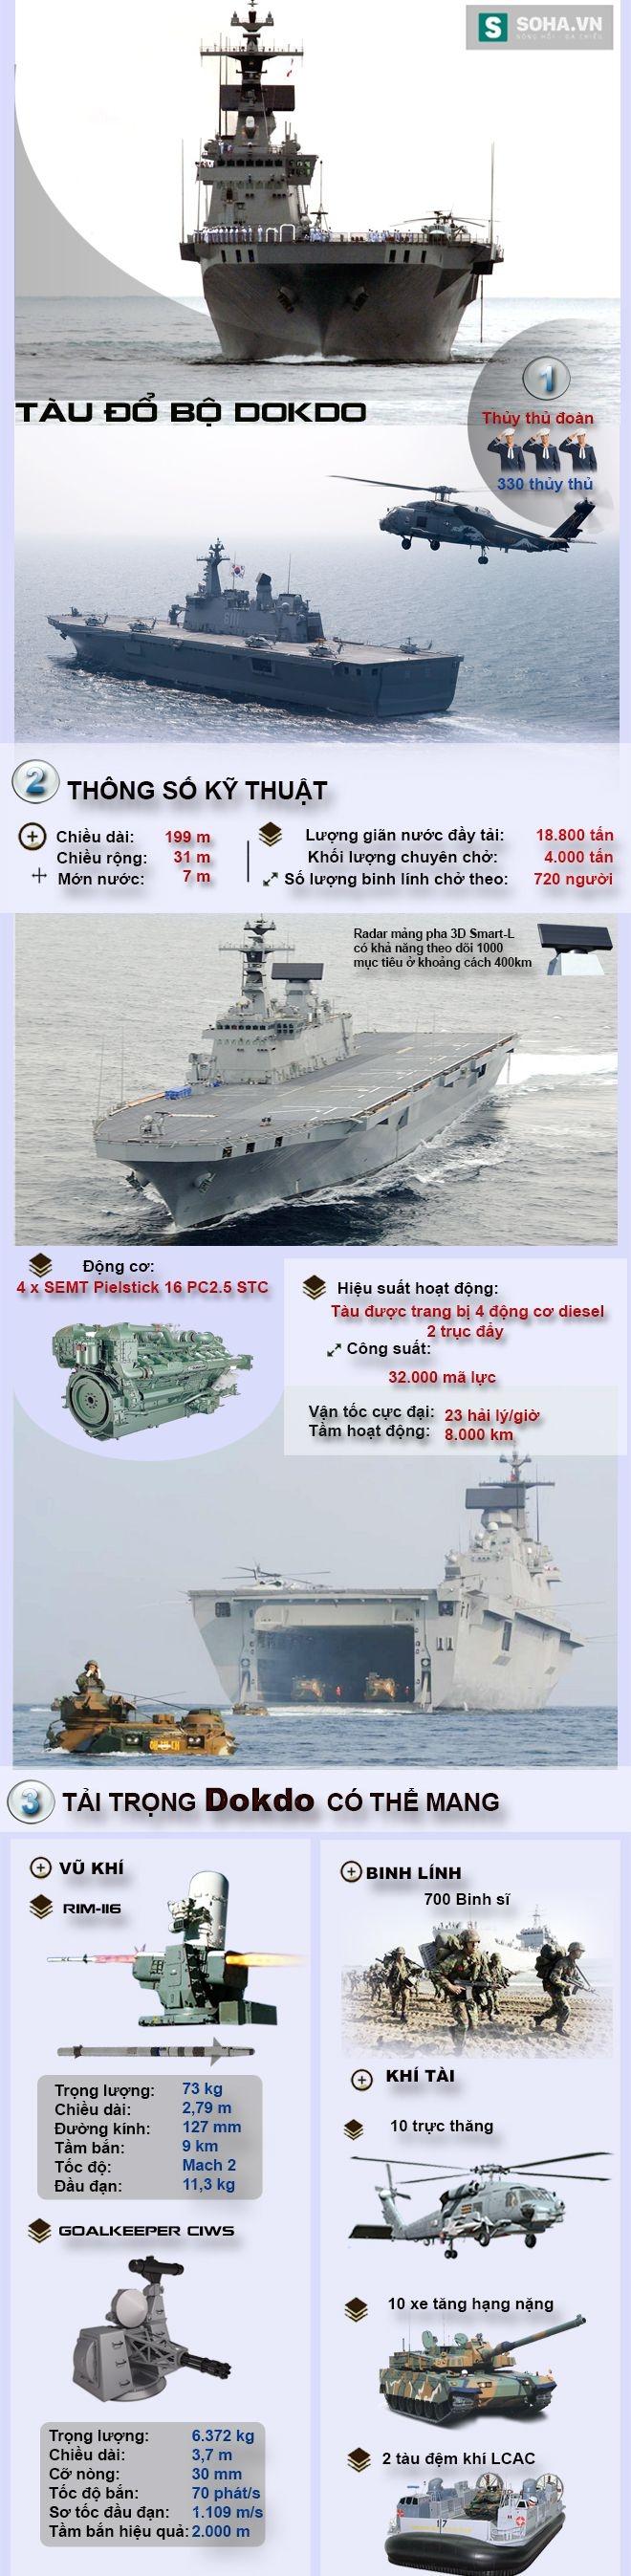 Tàu đổ bộ tấn công tốt nhất châu Á của Hải quân Hàn Quốc - Ảnh 2.